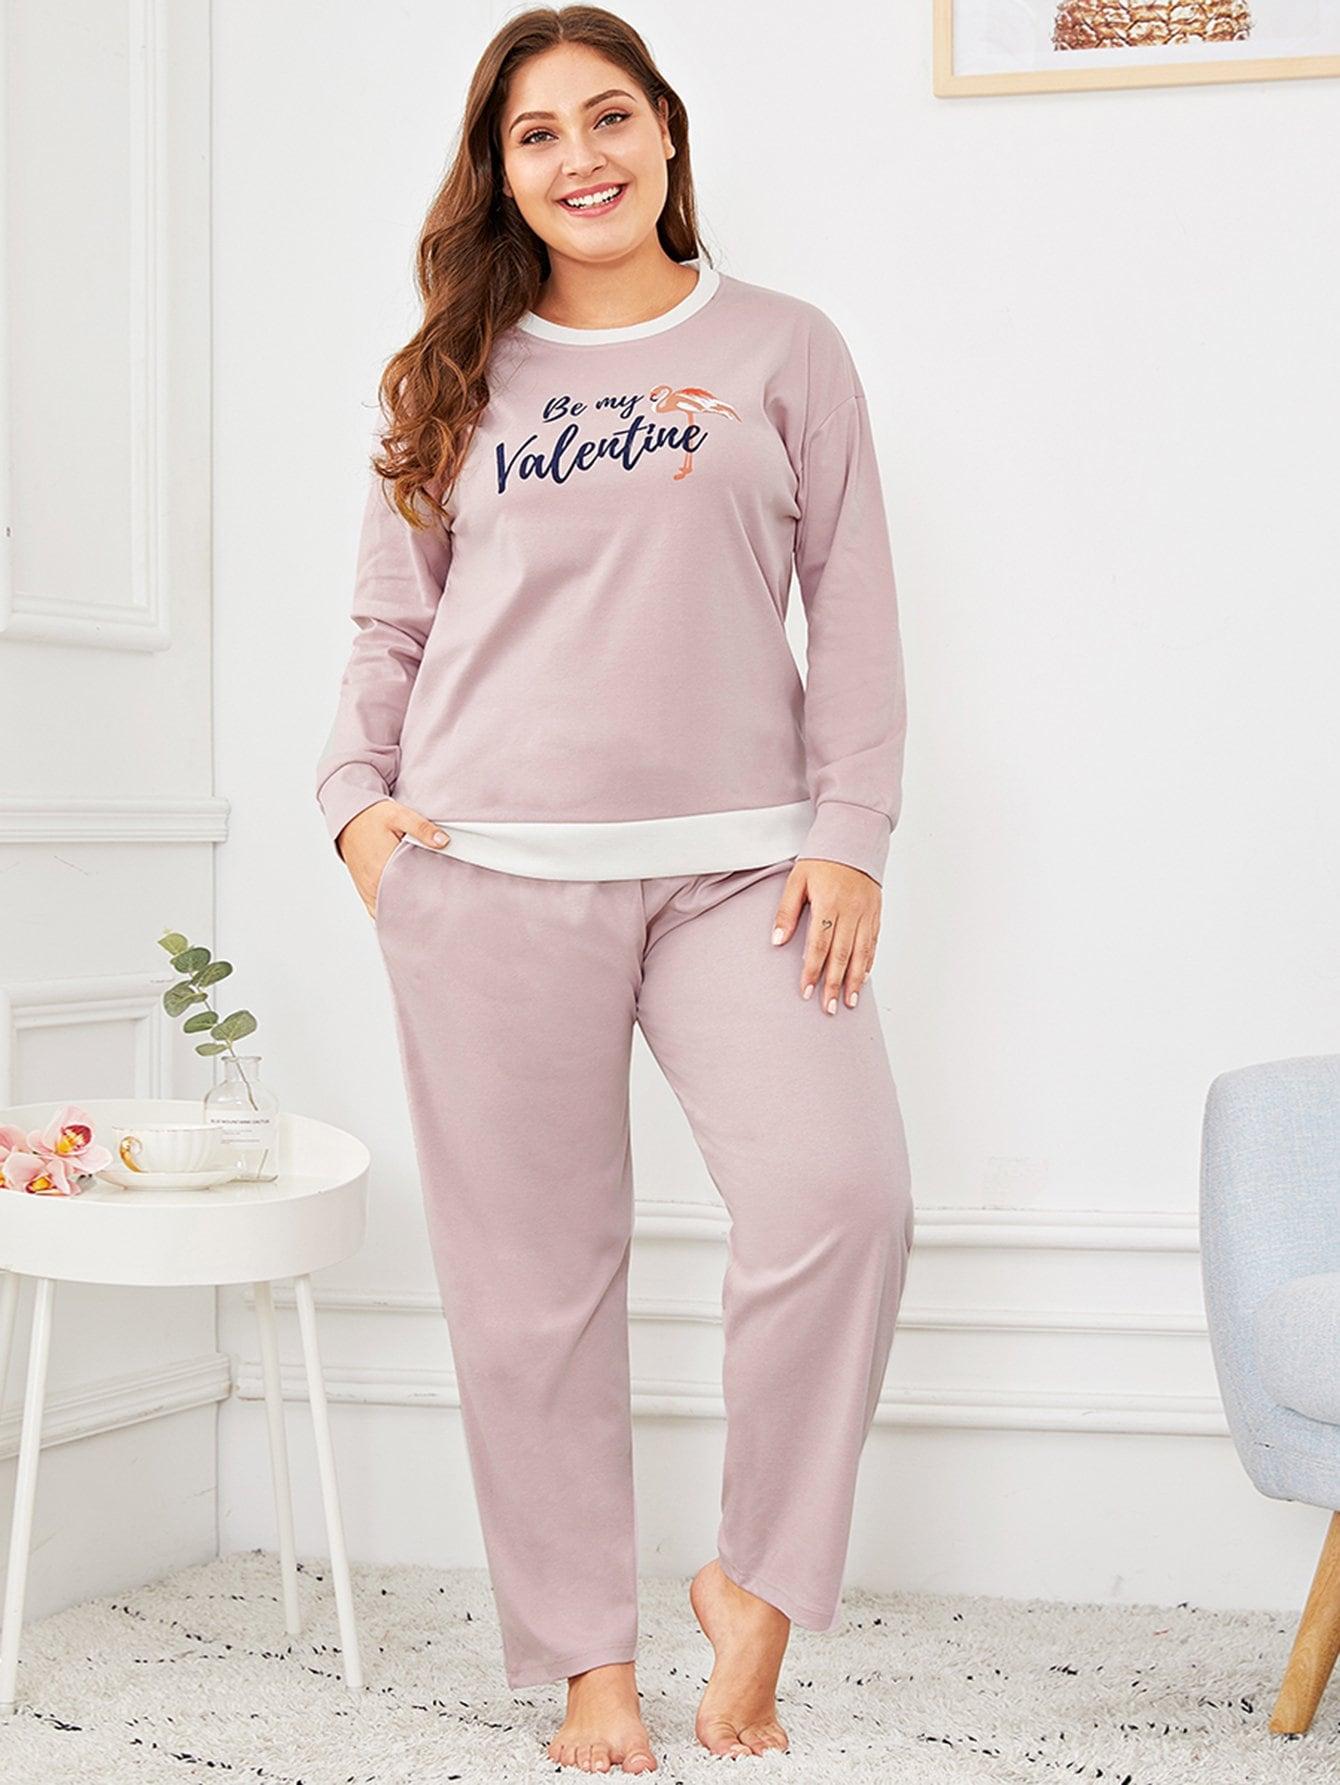 Купить Размера плюс пижама с принтом текстовым и графическим, Carol, SheIn